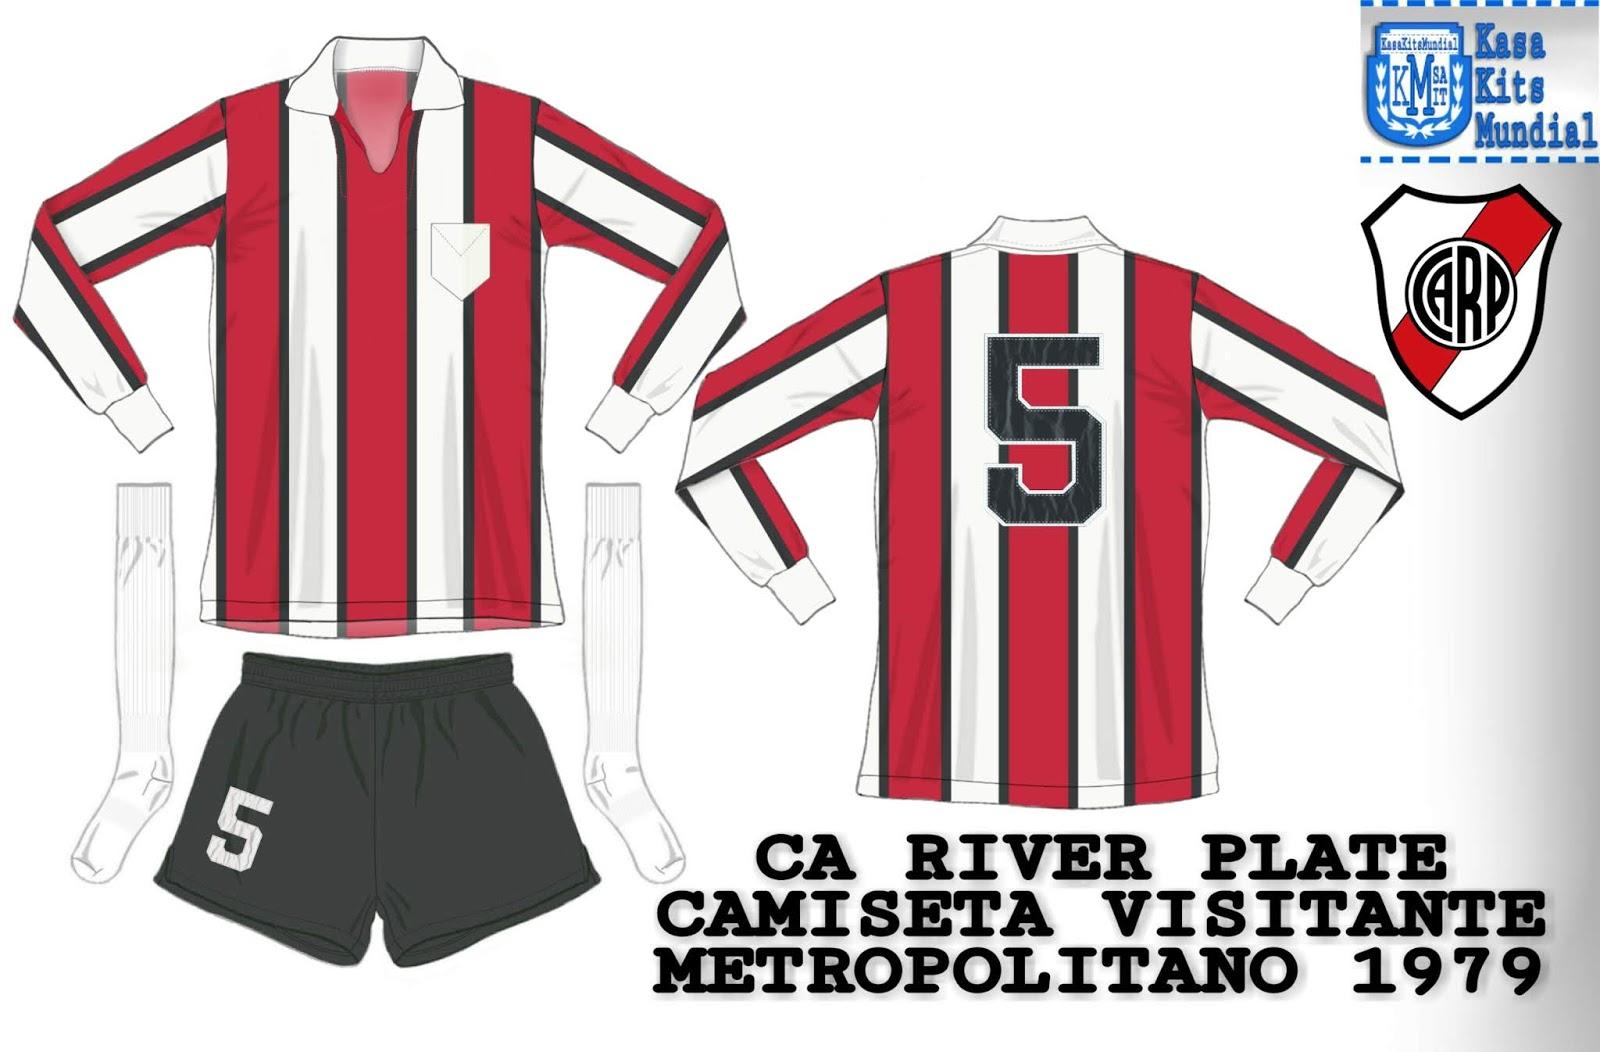 Resultado de imagem para camiseta river plate 1979